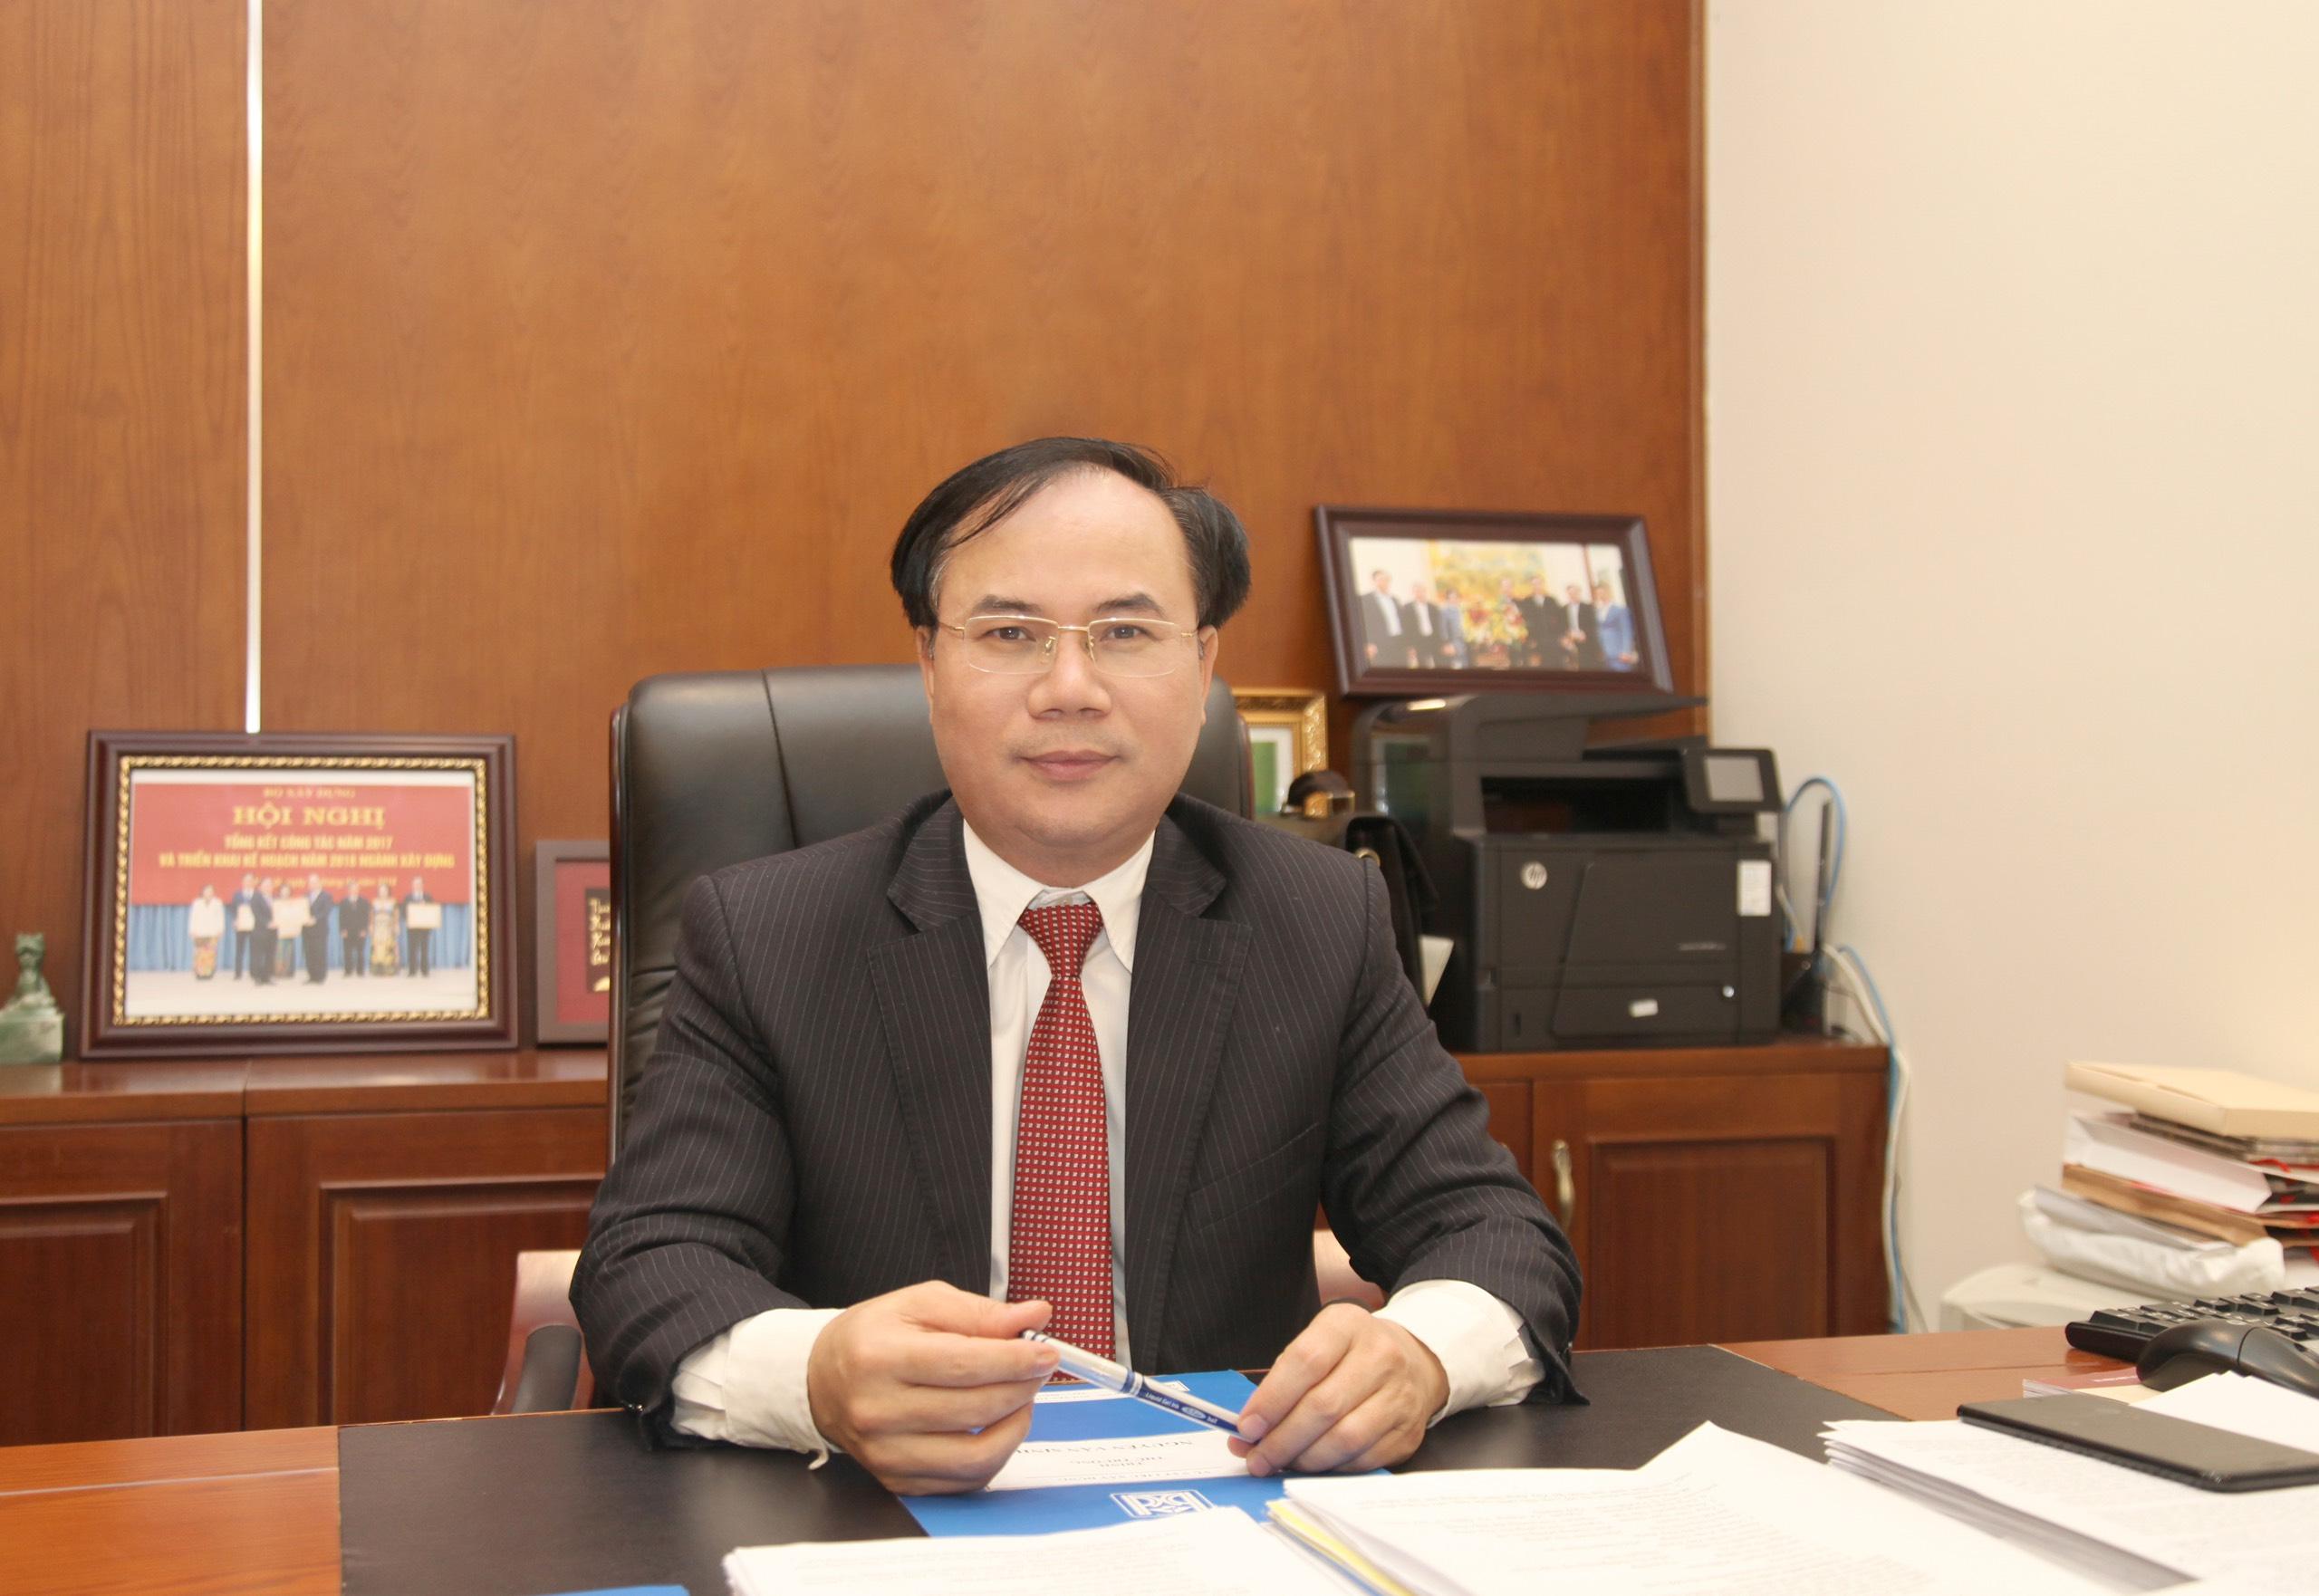 Thứ trưởng Bộ Xây dựng Nguyễn Văn Sinh. Ảnh:VGP